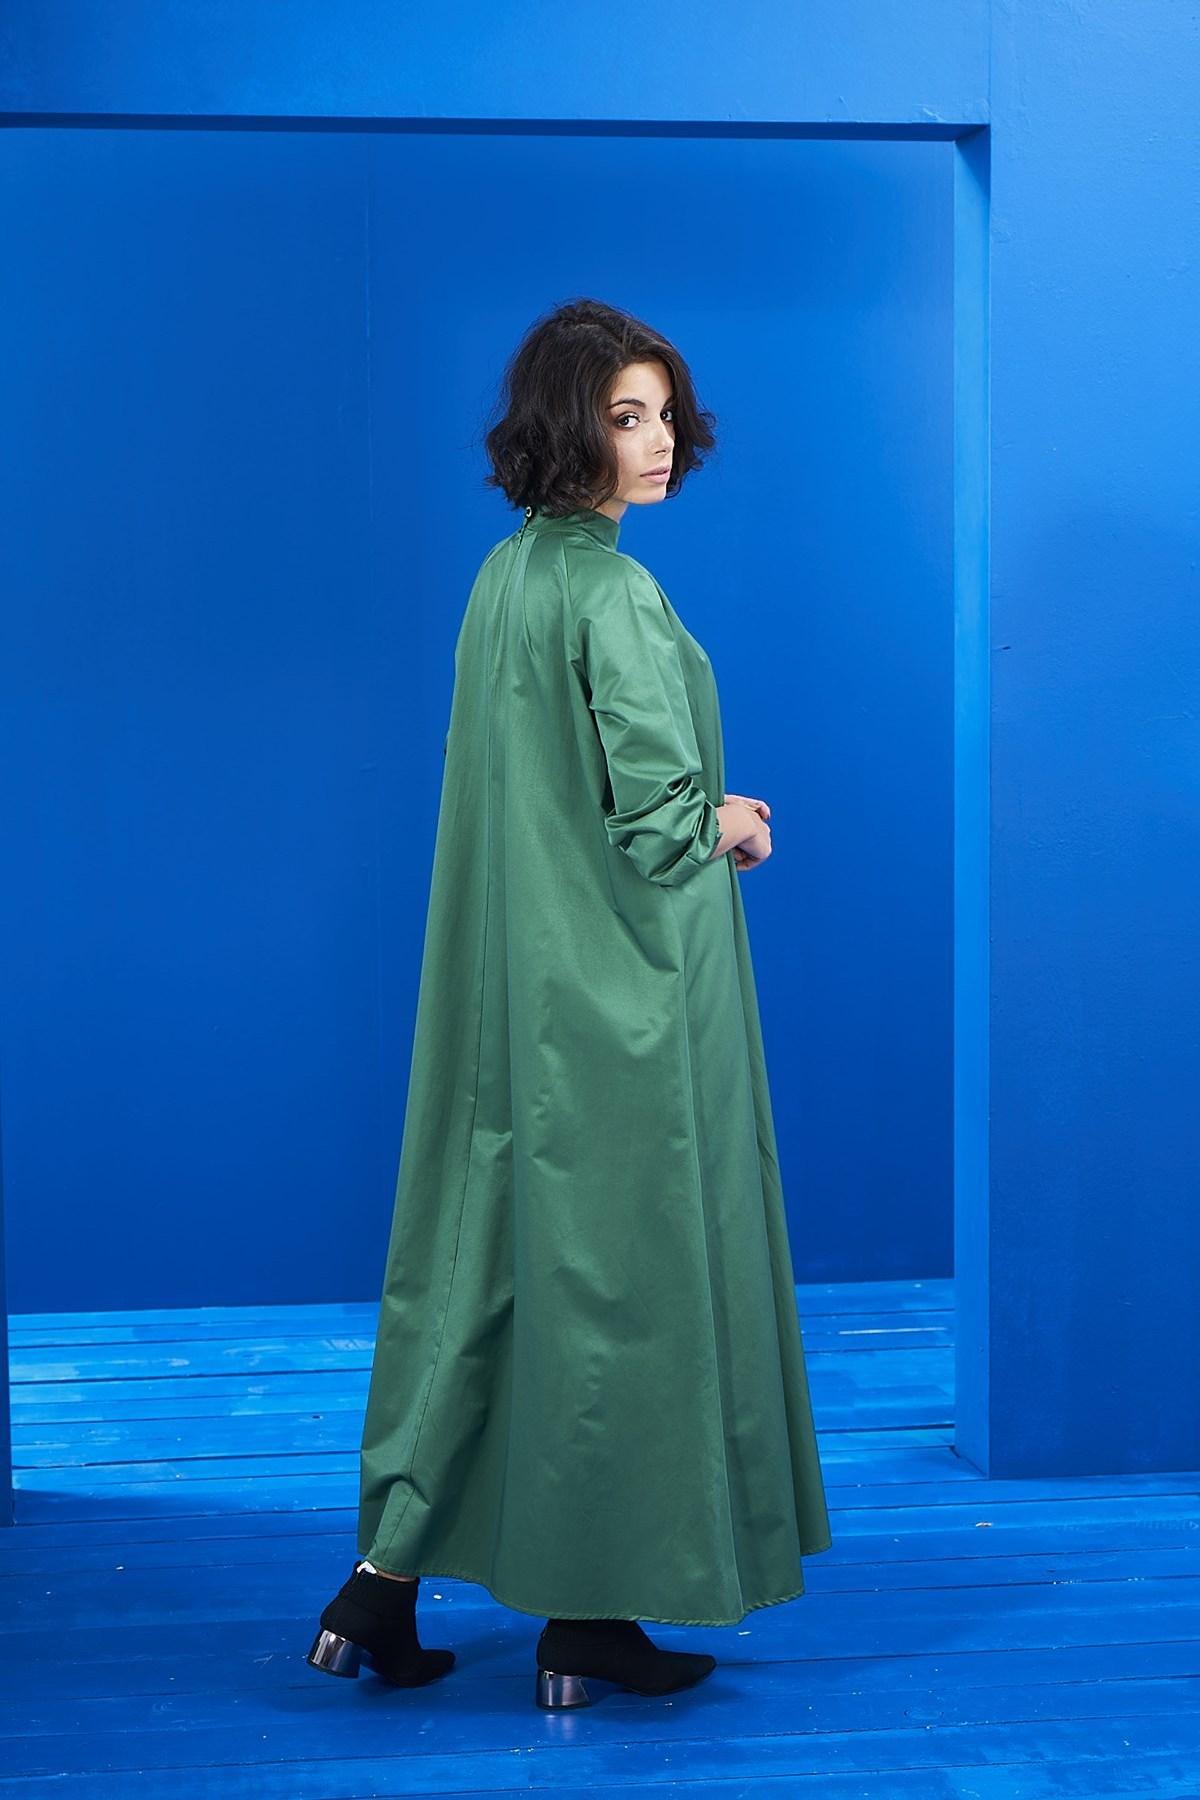 Mevra - Yeşil Elbise